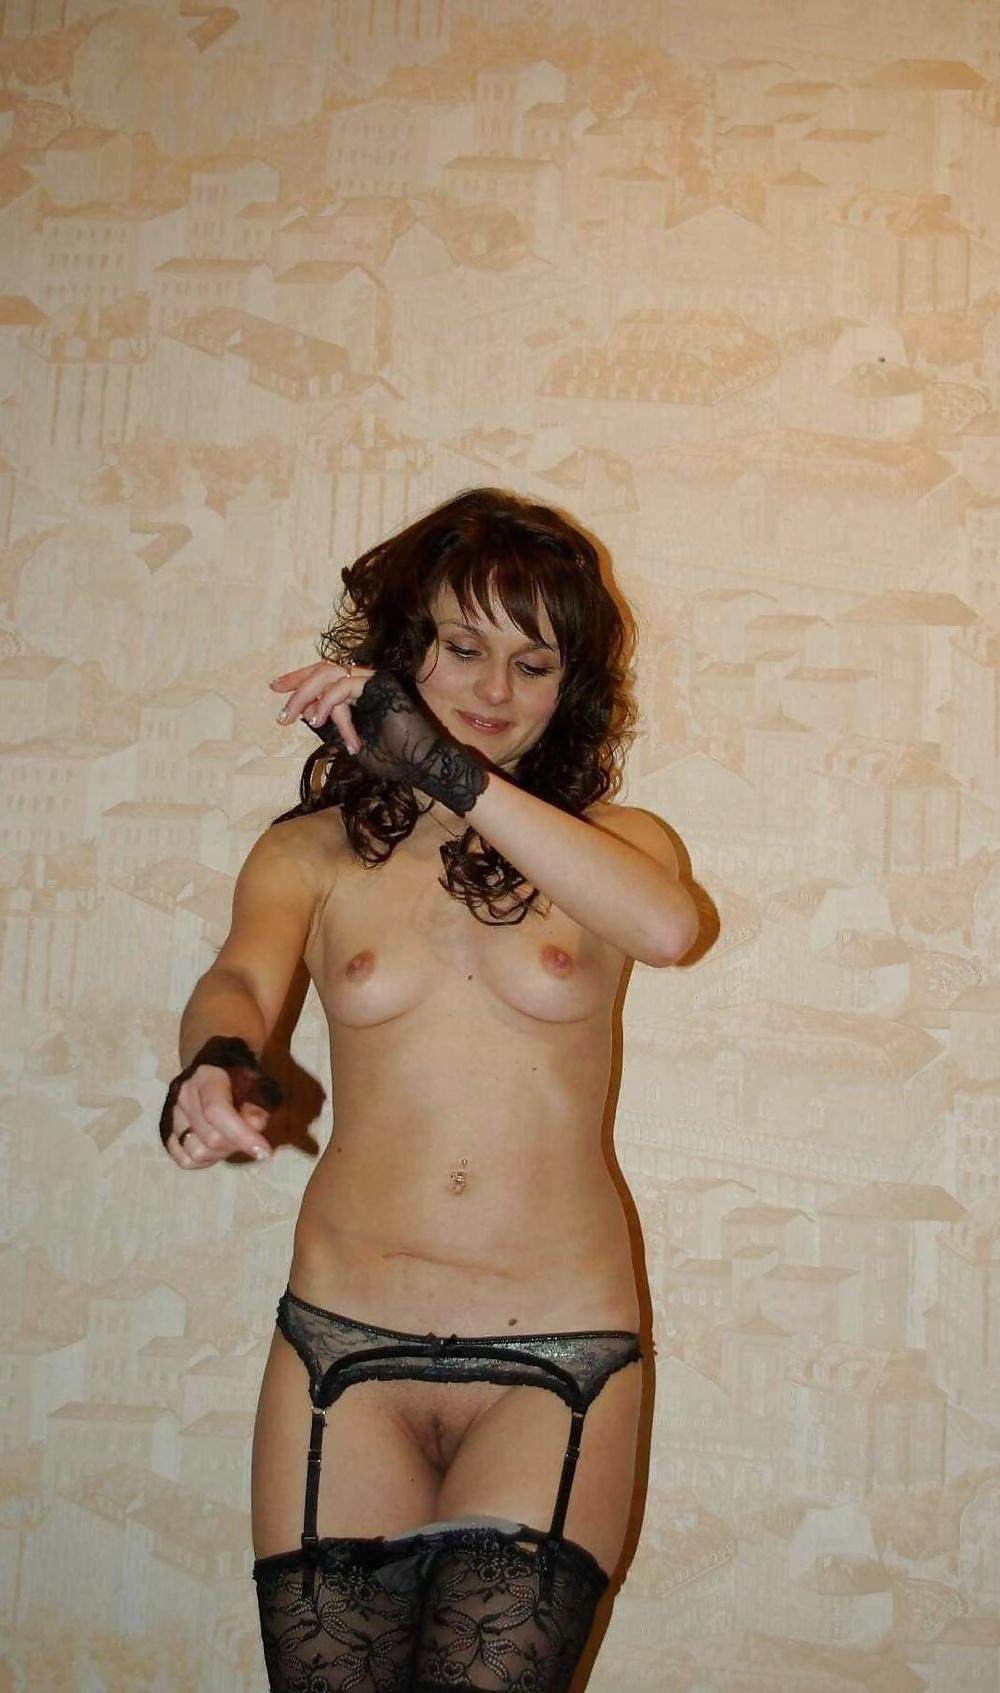 Alltägliche nackte Frau zeigt ihren nackten Körper zu Hause. - Bild 2